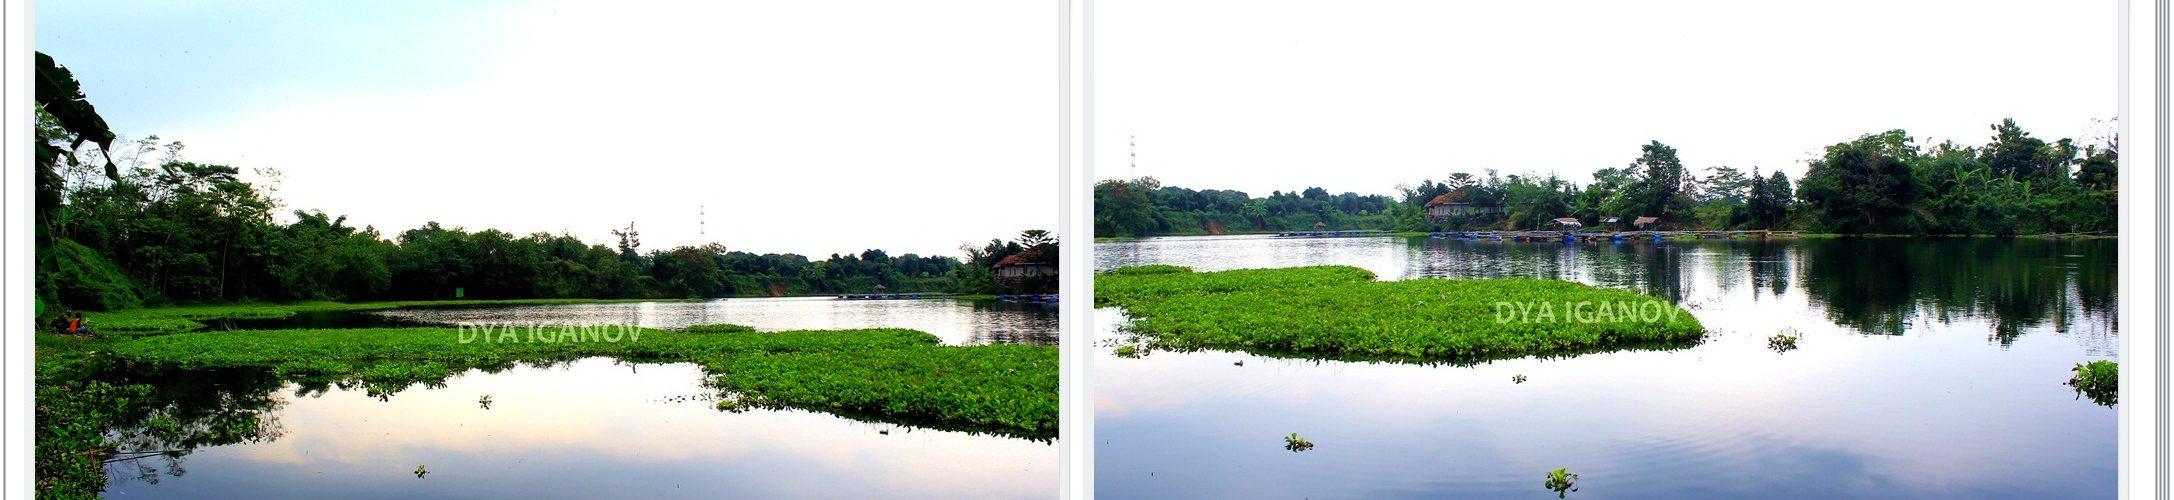 Desa Cibogo, Kecamatan Dangder, Kabupaten Subang, Jawa Barat